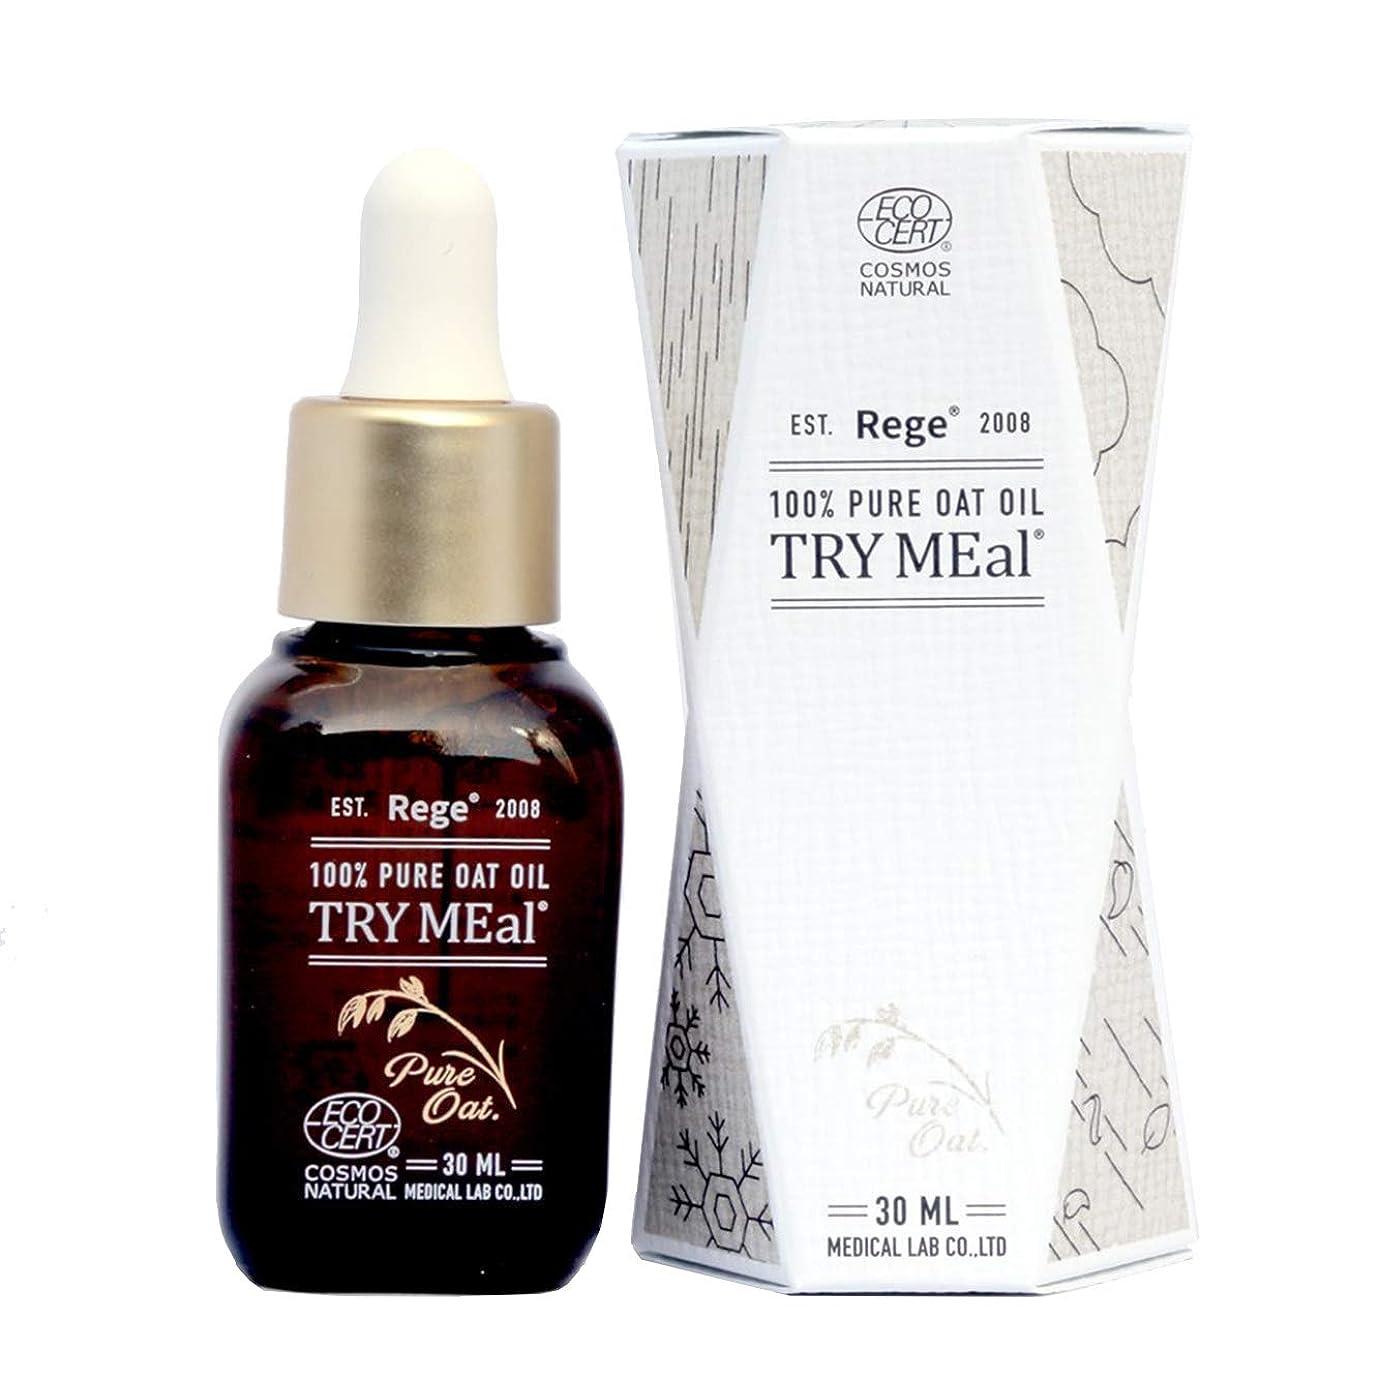 穀物インフルエンザ裏切りTRY MEal オートミール美容液 100%ピュアオイル 30ml エコサート&コスモスナチュラル認証